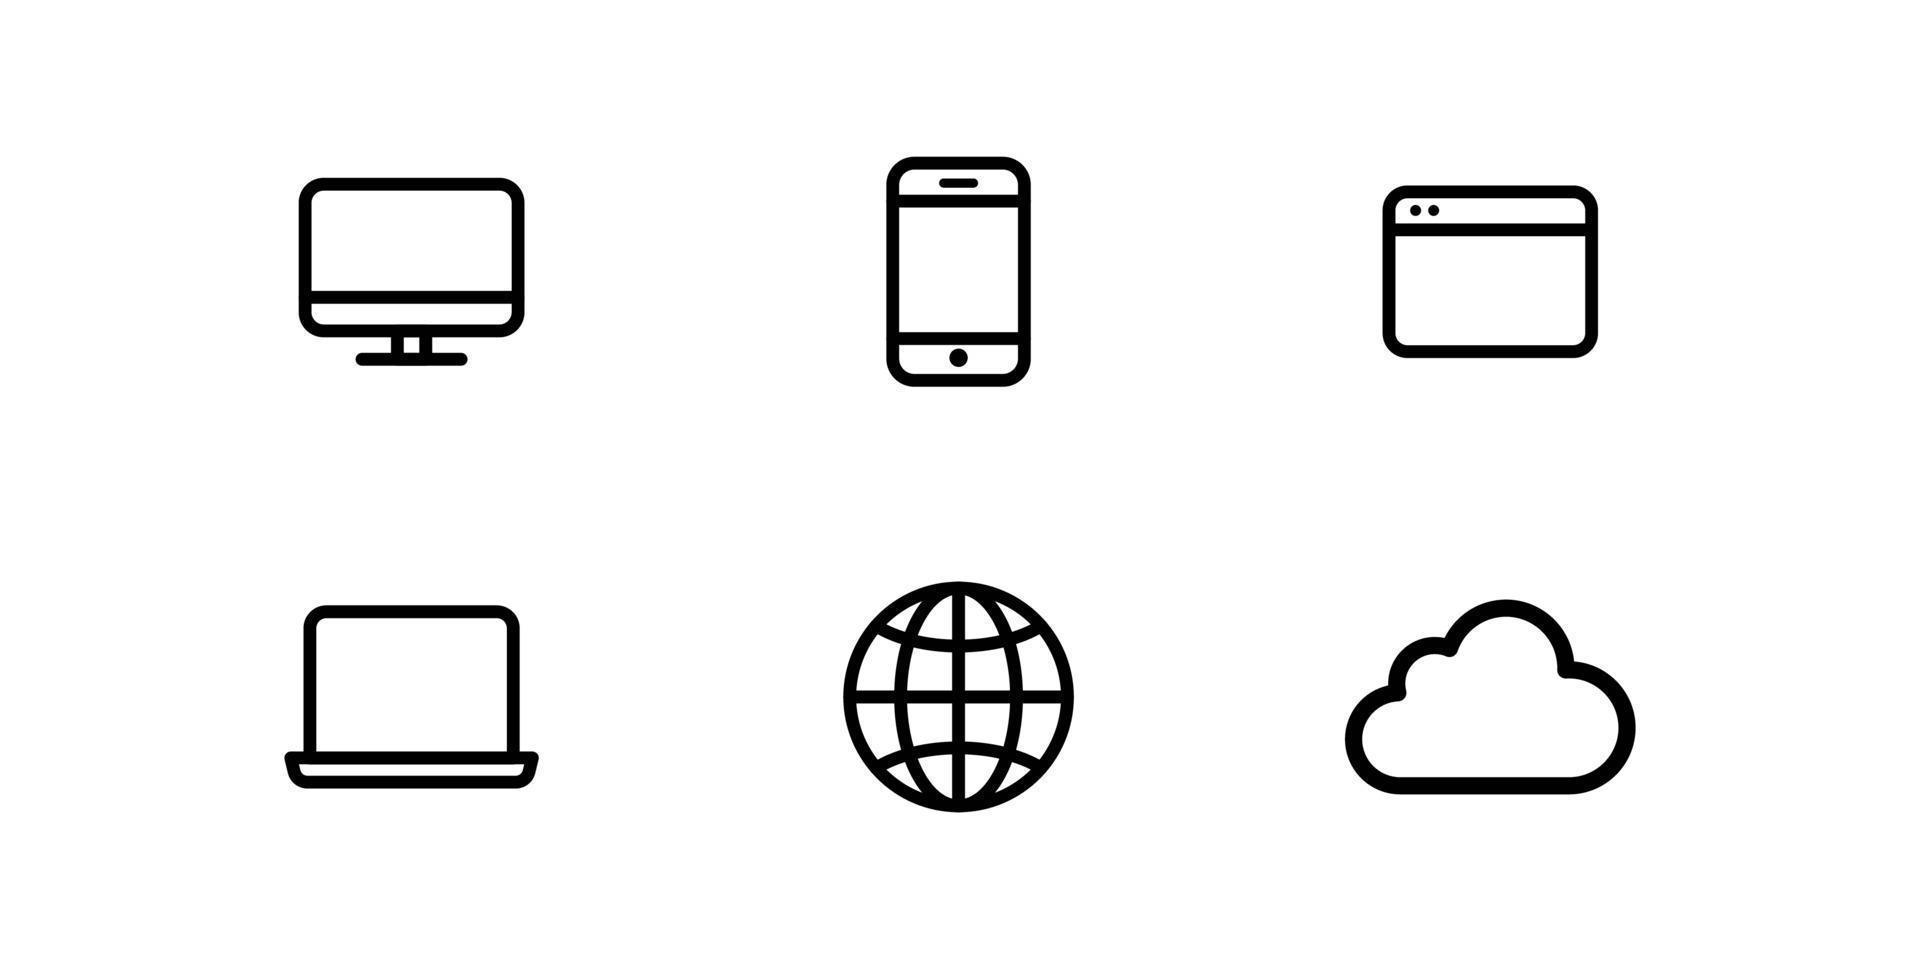 web cellulare rete di computer icone essenziali pack raccolta vettori gratuiti